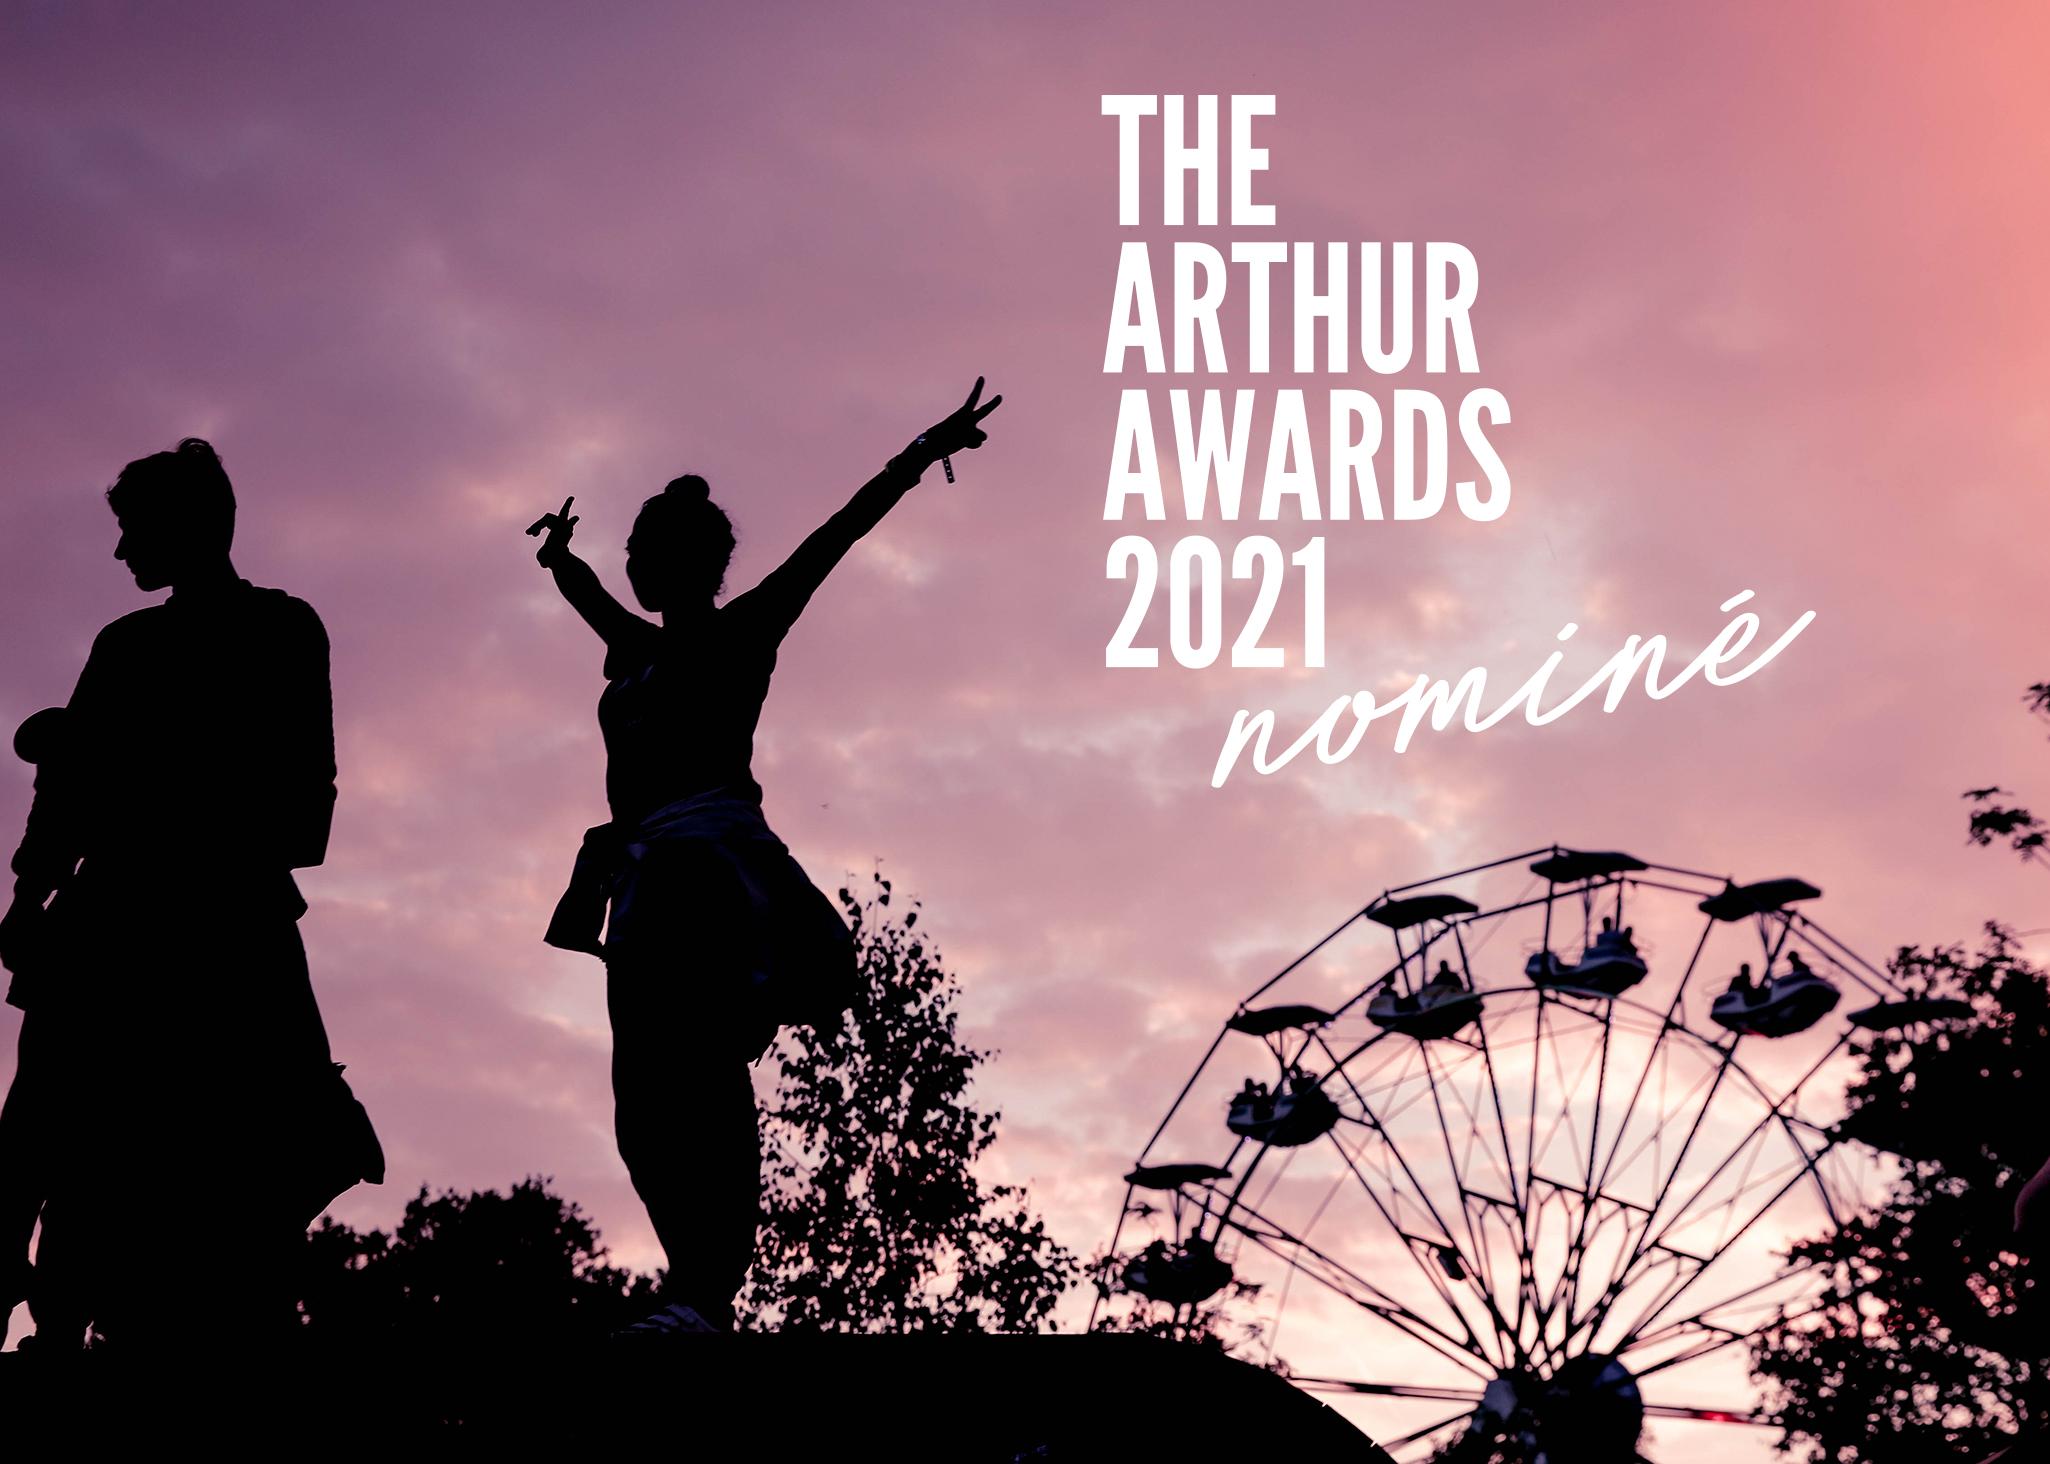 """Les Eurockéennes de Belfort nommées aux Arthur Awards, dans la catégorie """"Meilleur festival de la décennie"""""""